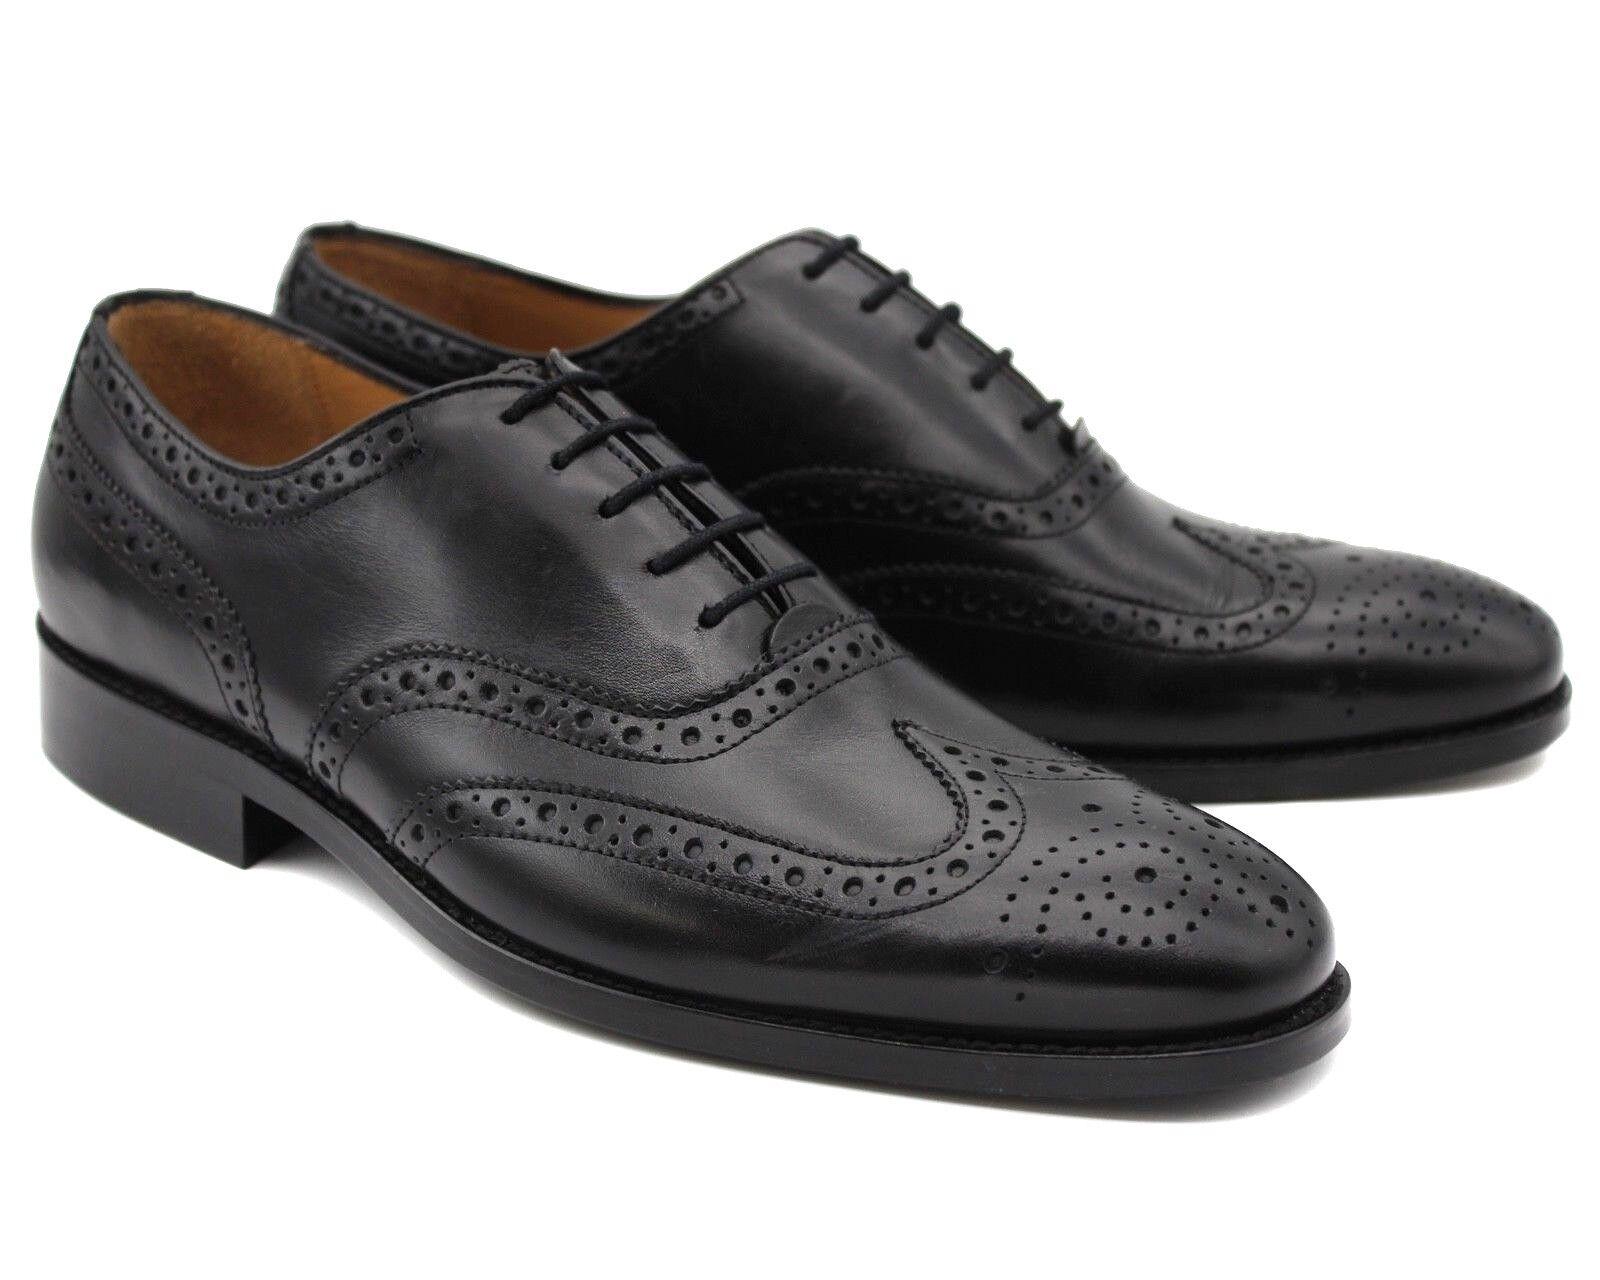 179Nuevo Para hombres Cuero Marrón Inteligente Estilo Zapatos Con Cordones formales de trabajo